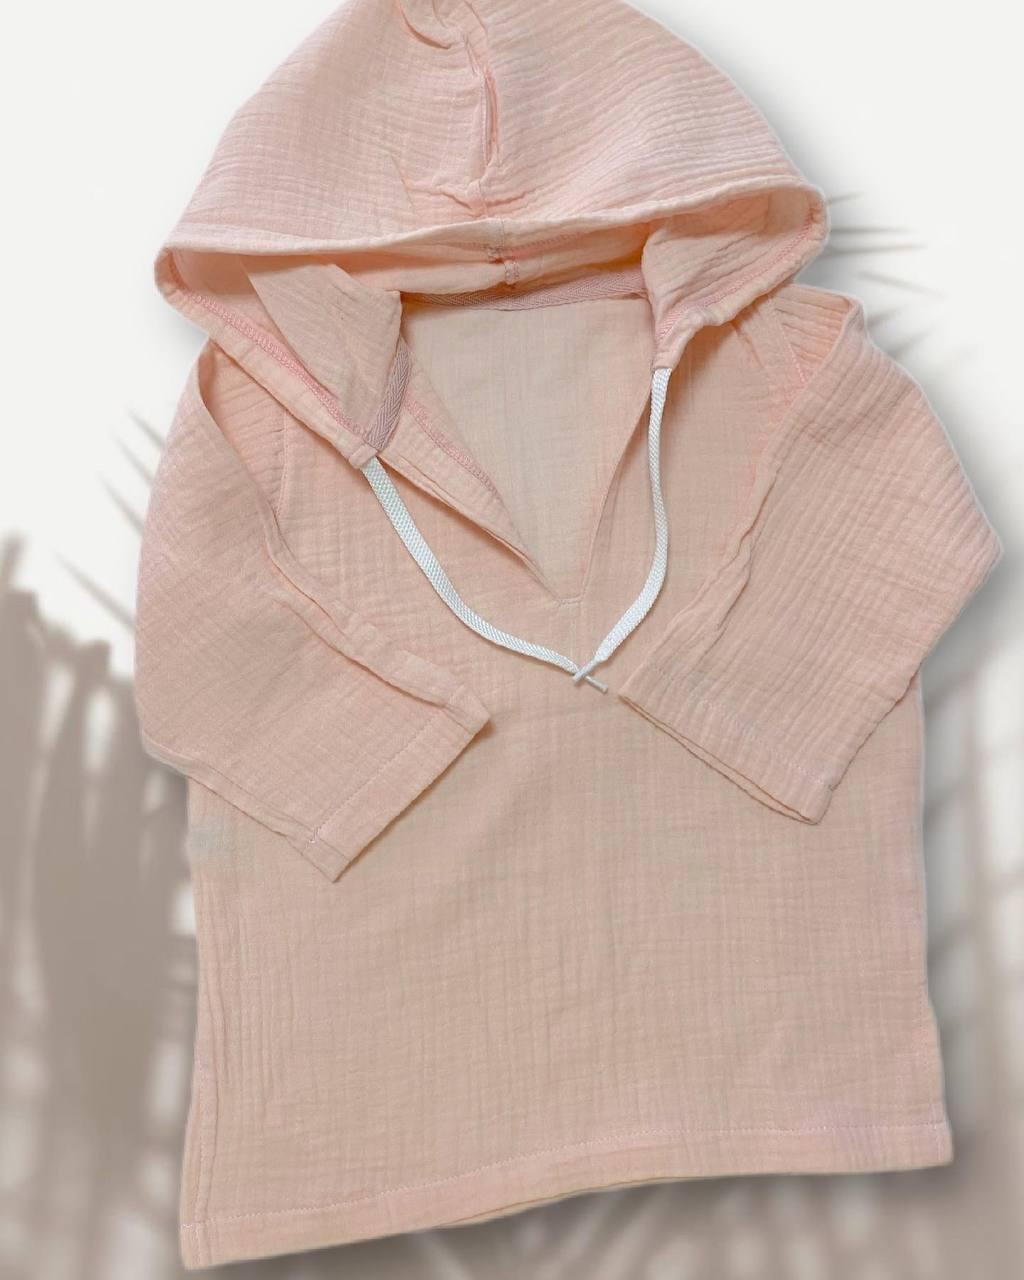 Дитяча муслінова туніка, пляжна, рожево-персикова, розмір 74 (є всі розміри)